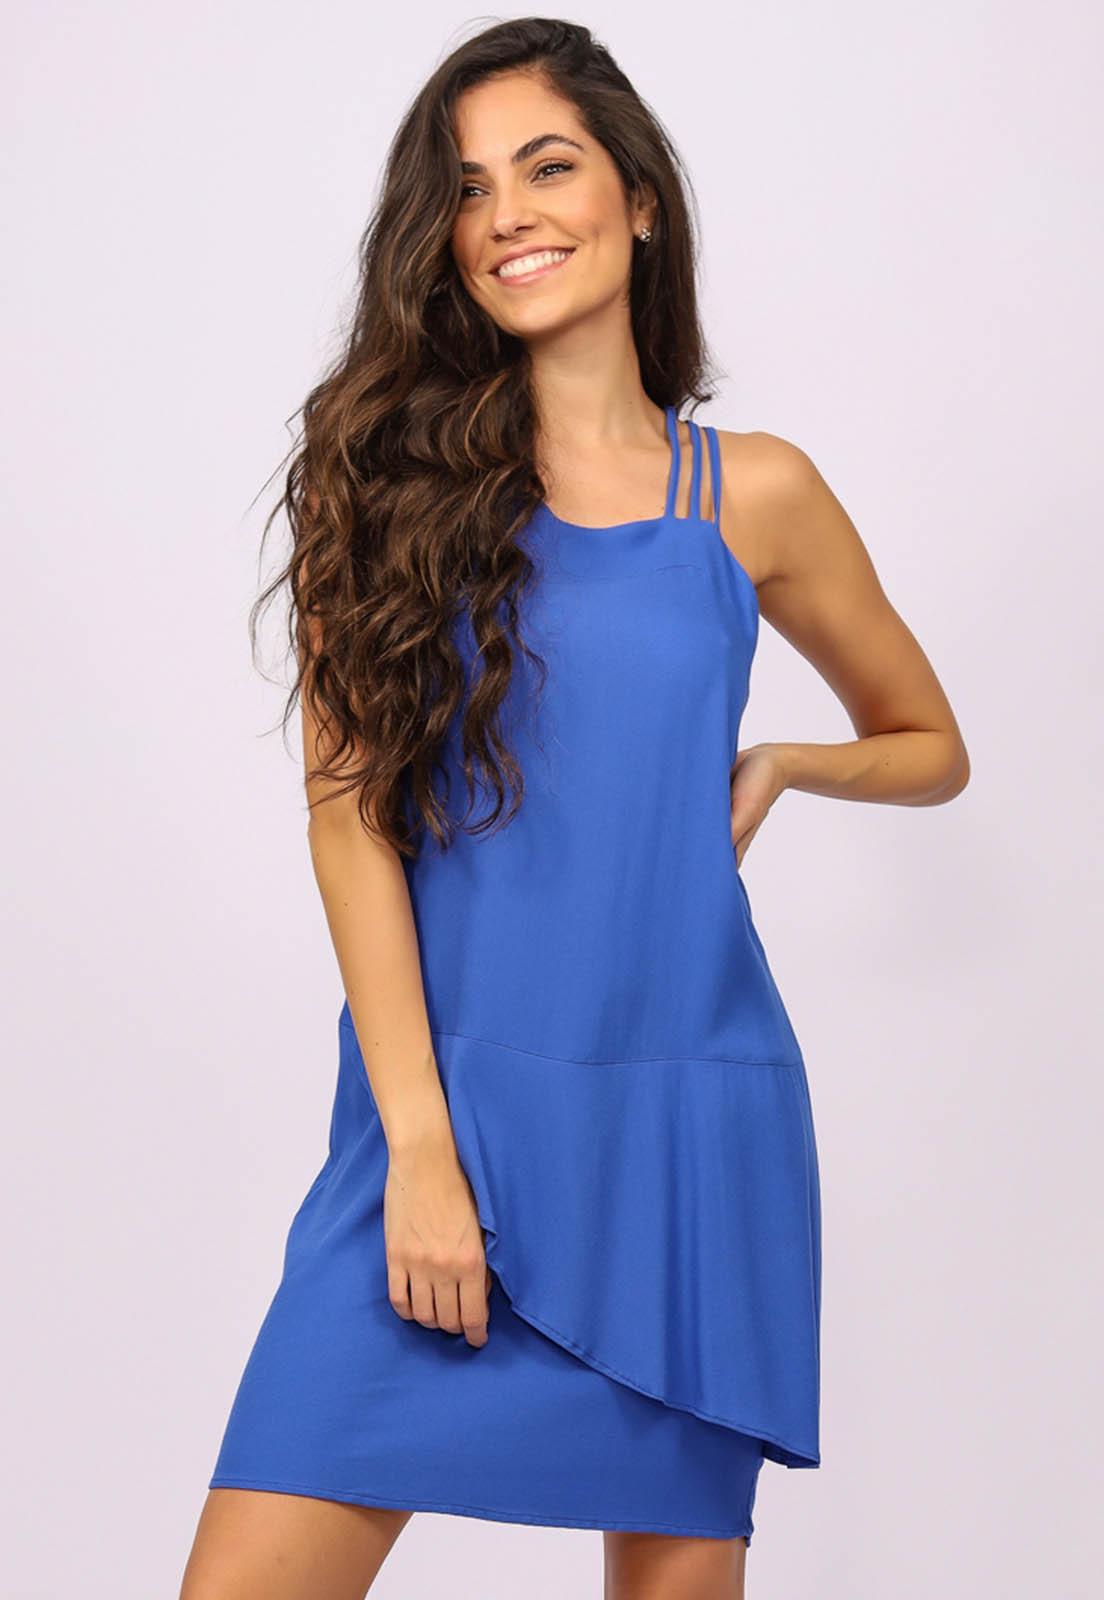 Vestido Curto Viscose Regata Alça Tripla Azul Bic